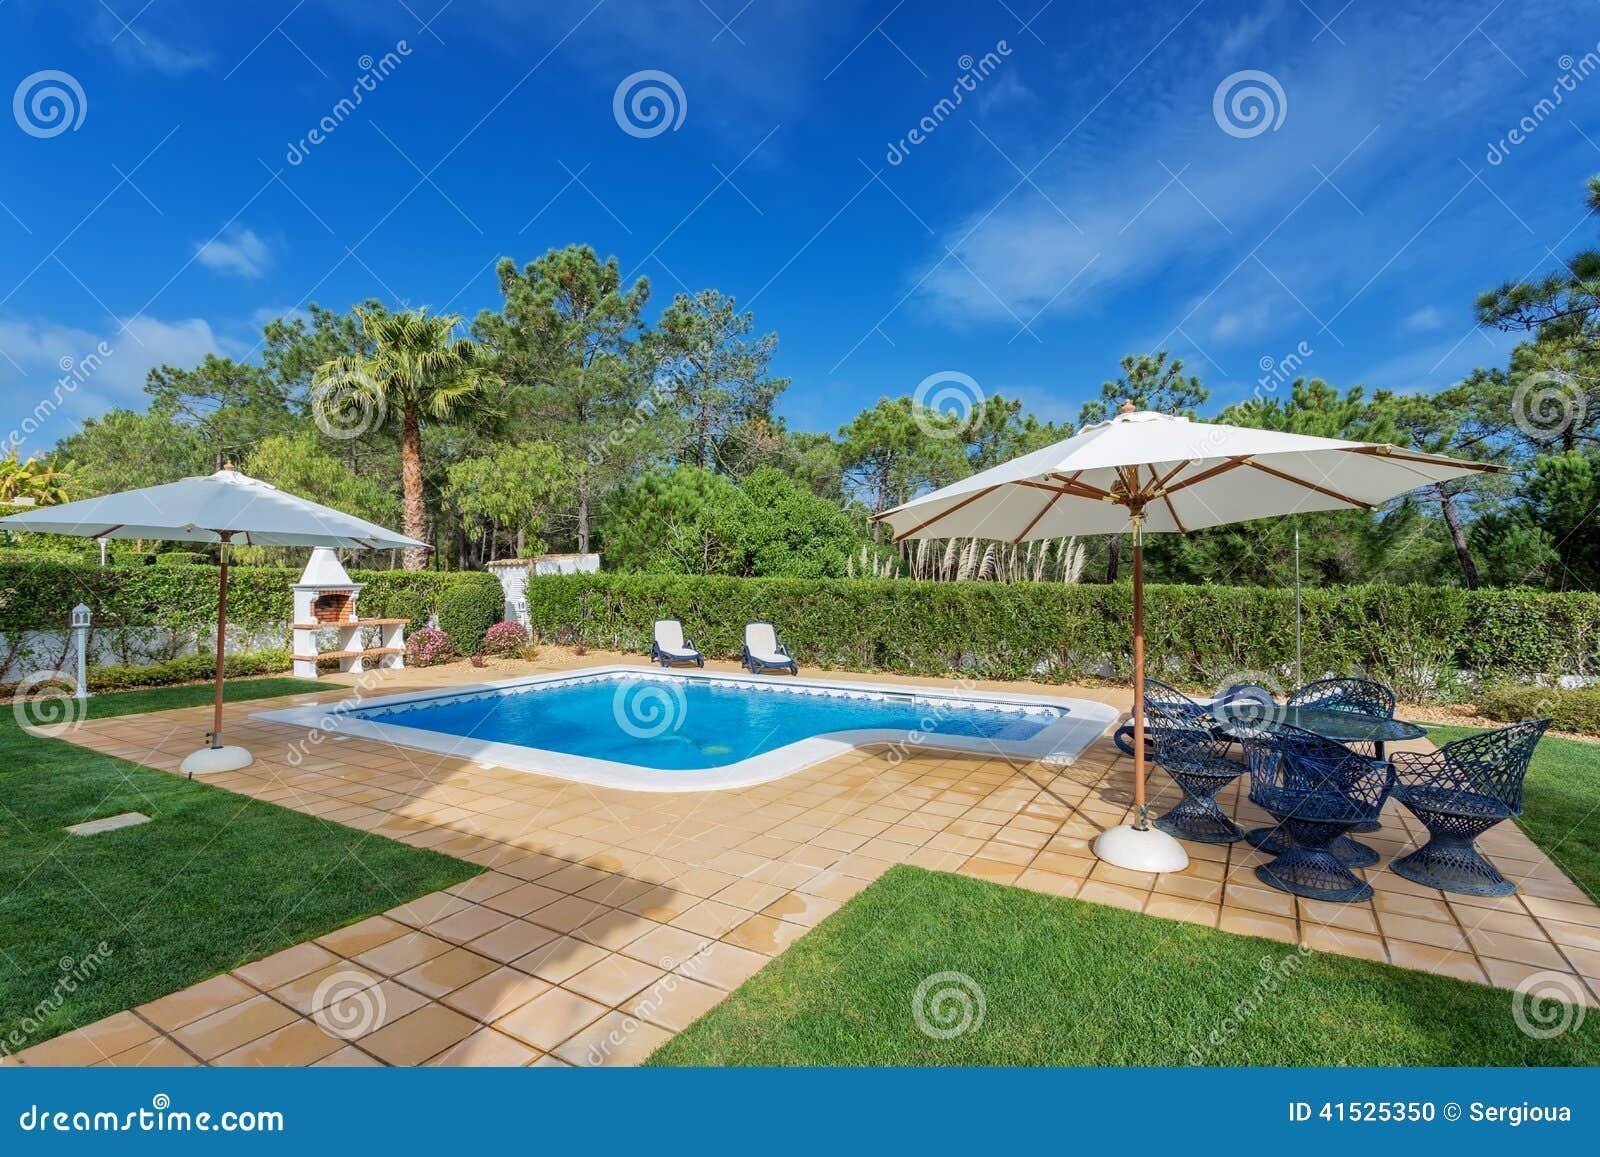 Aanbiddelijk modern zwembad met decoratief meubilair stock foto afbeelding 41525350 for Modern zwembad